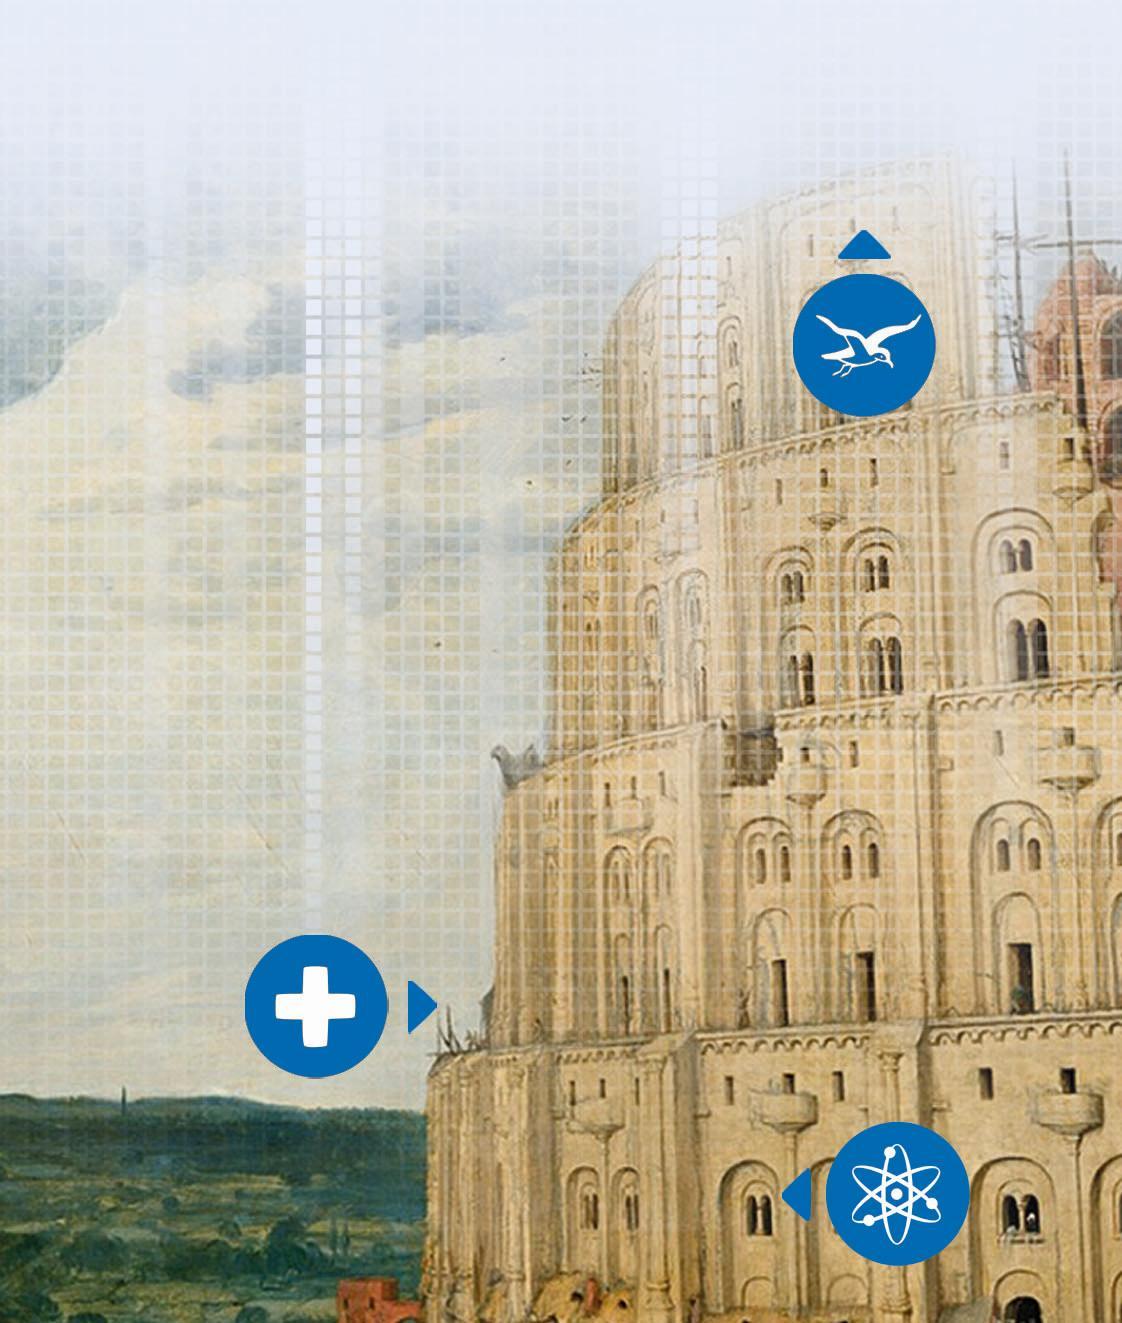 Das Museum von Babel und der vernetzte Besucher